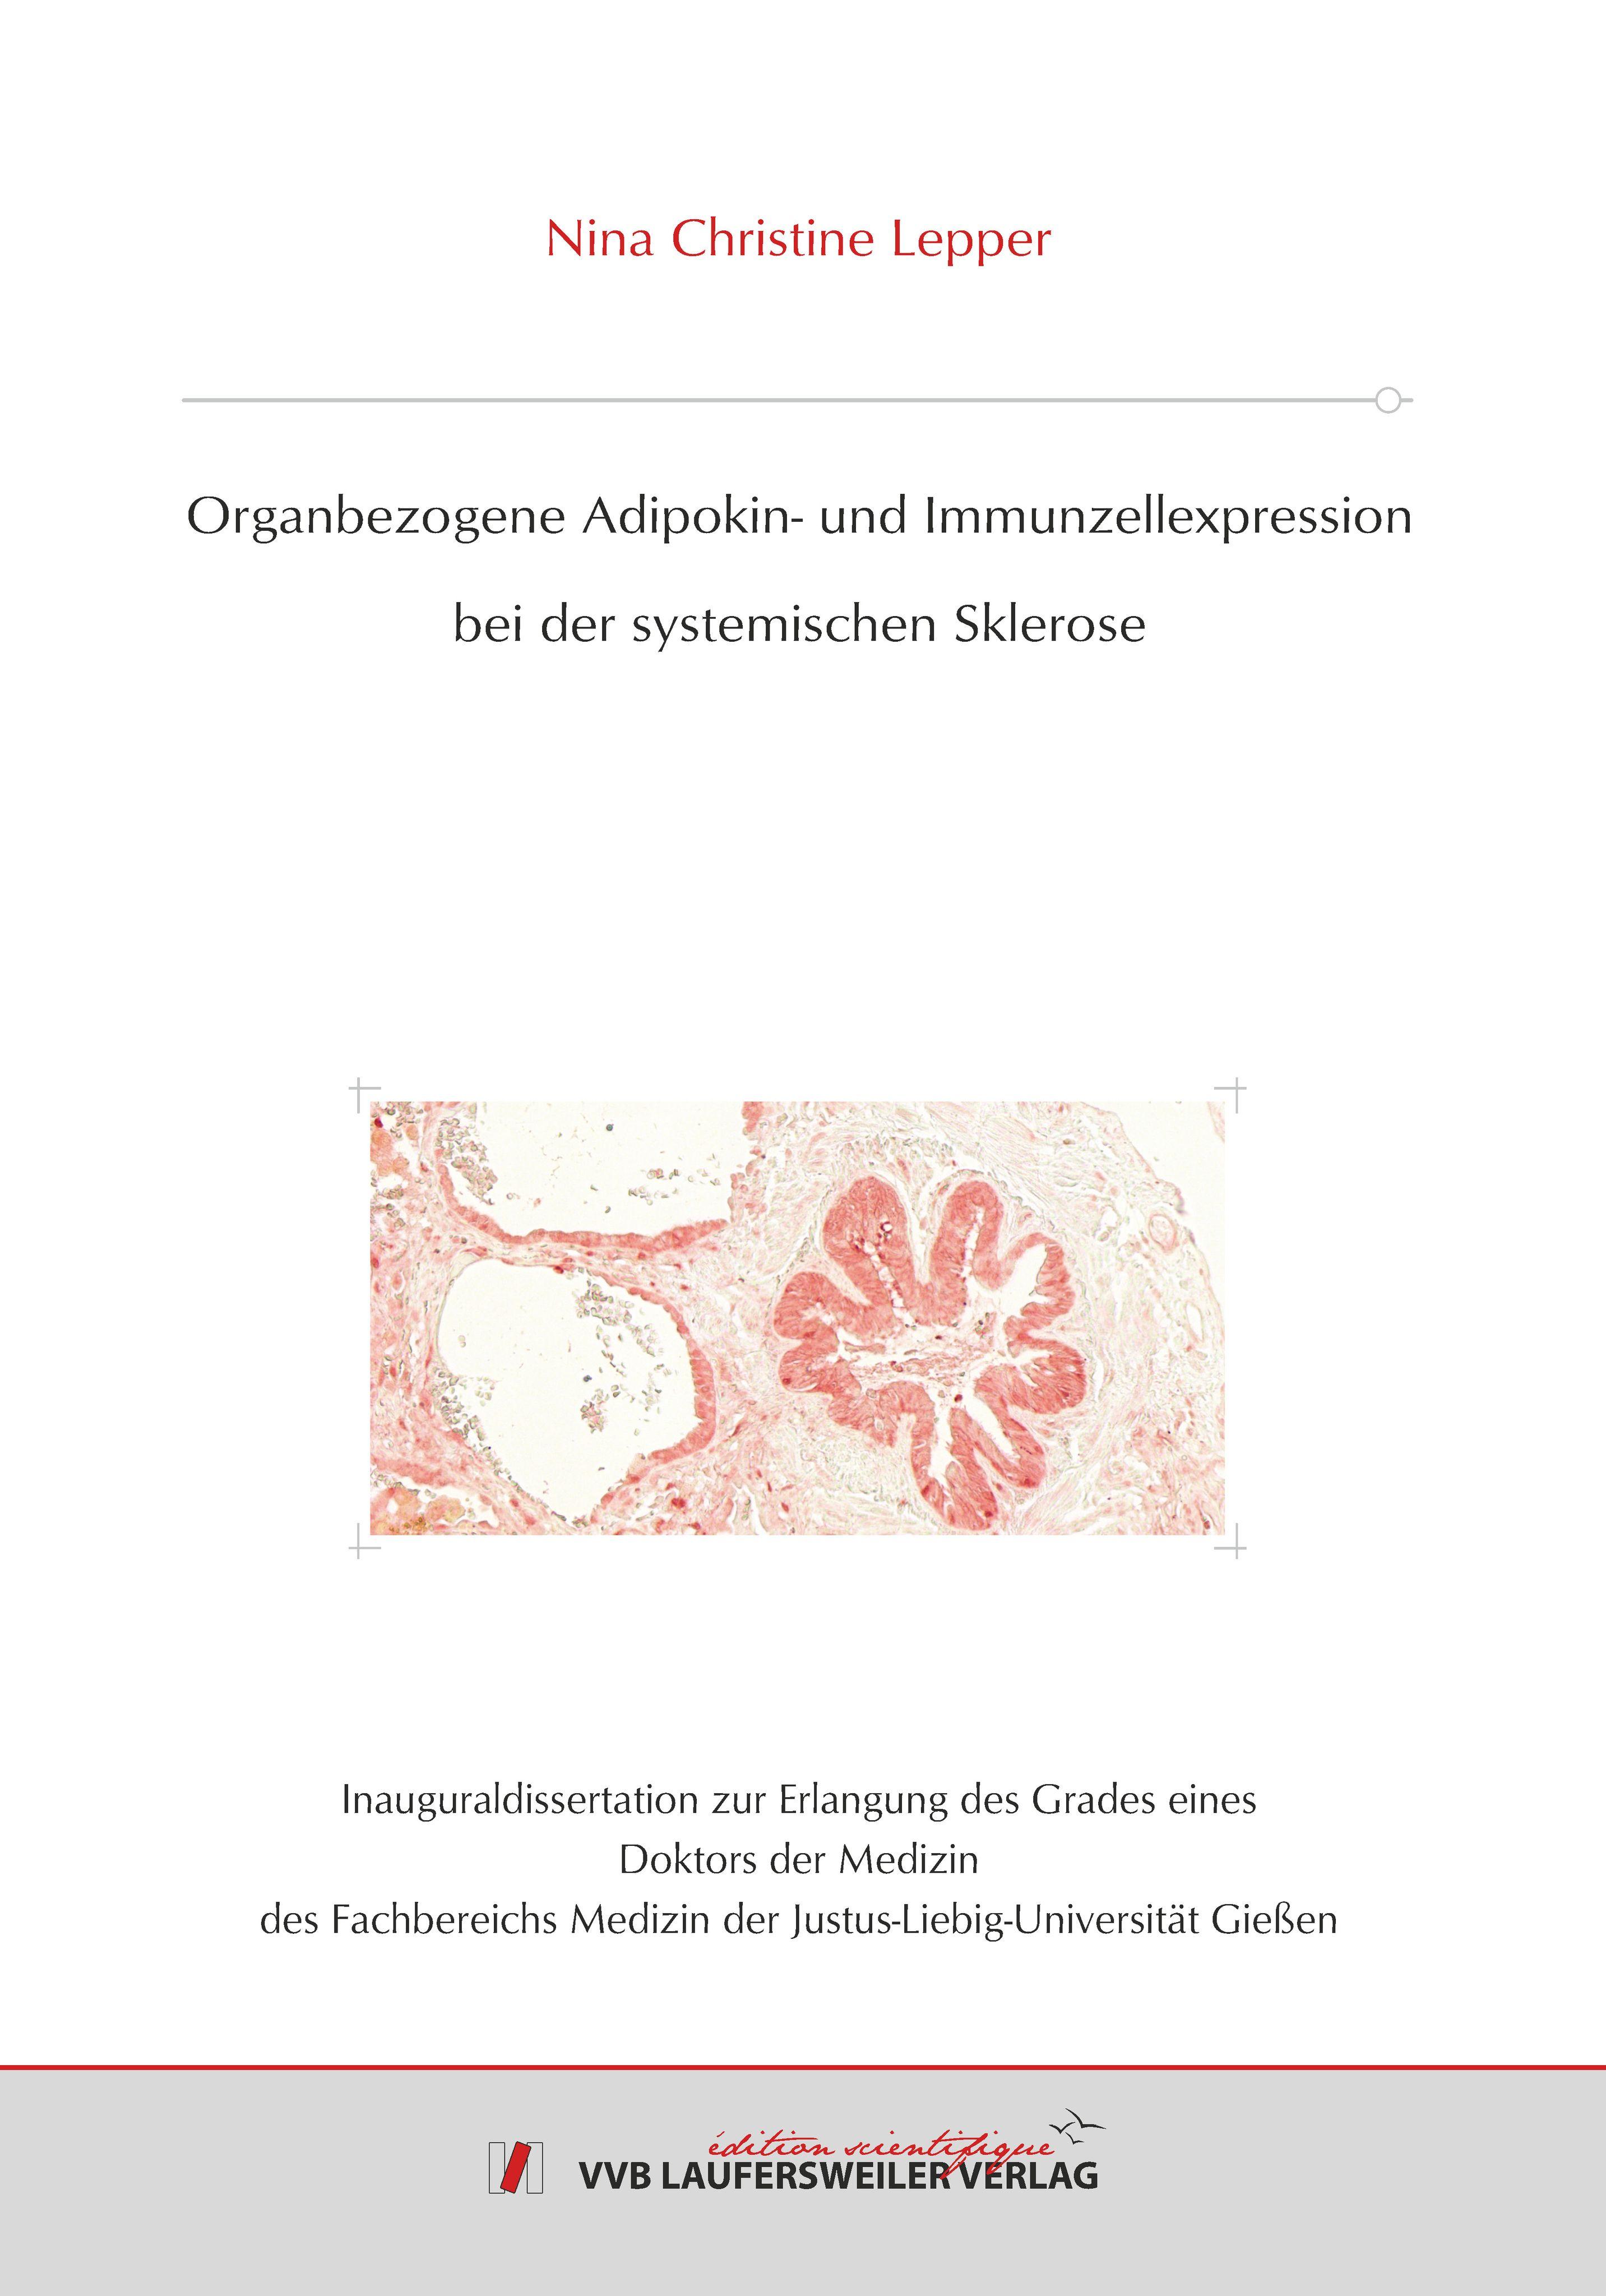 Charmant Anatomie Und Physiologie Kritische Denken Fragen ...